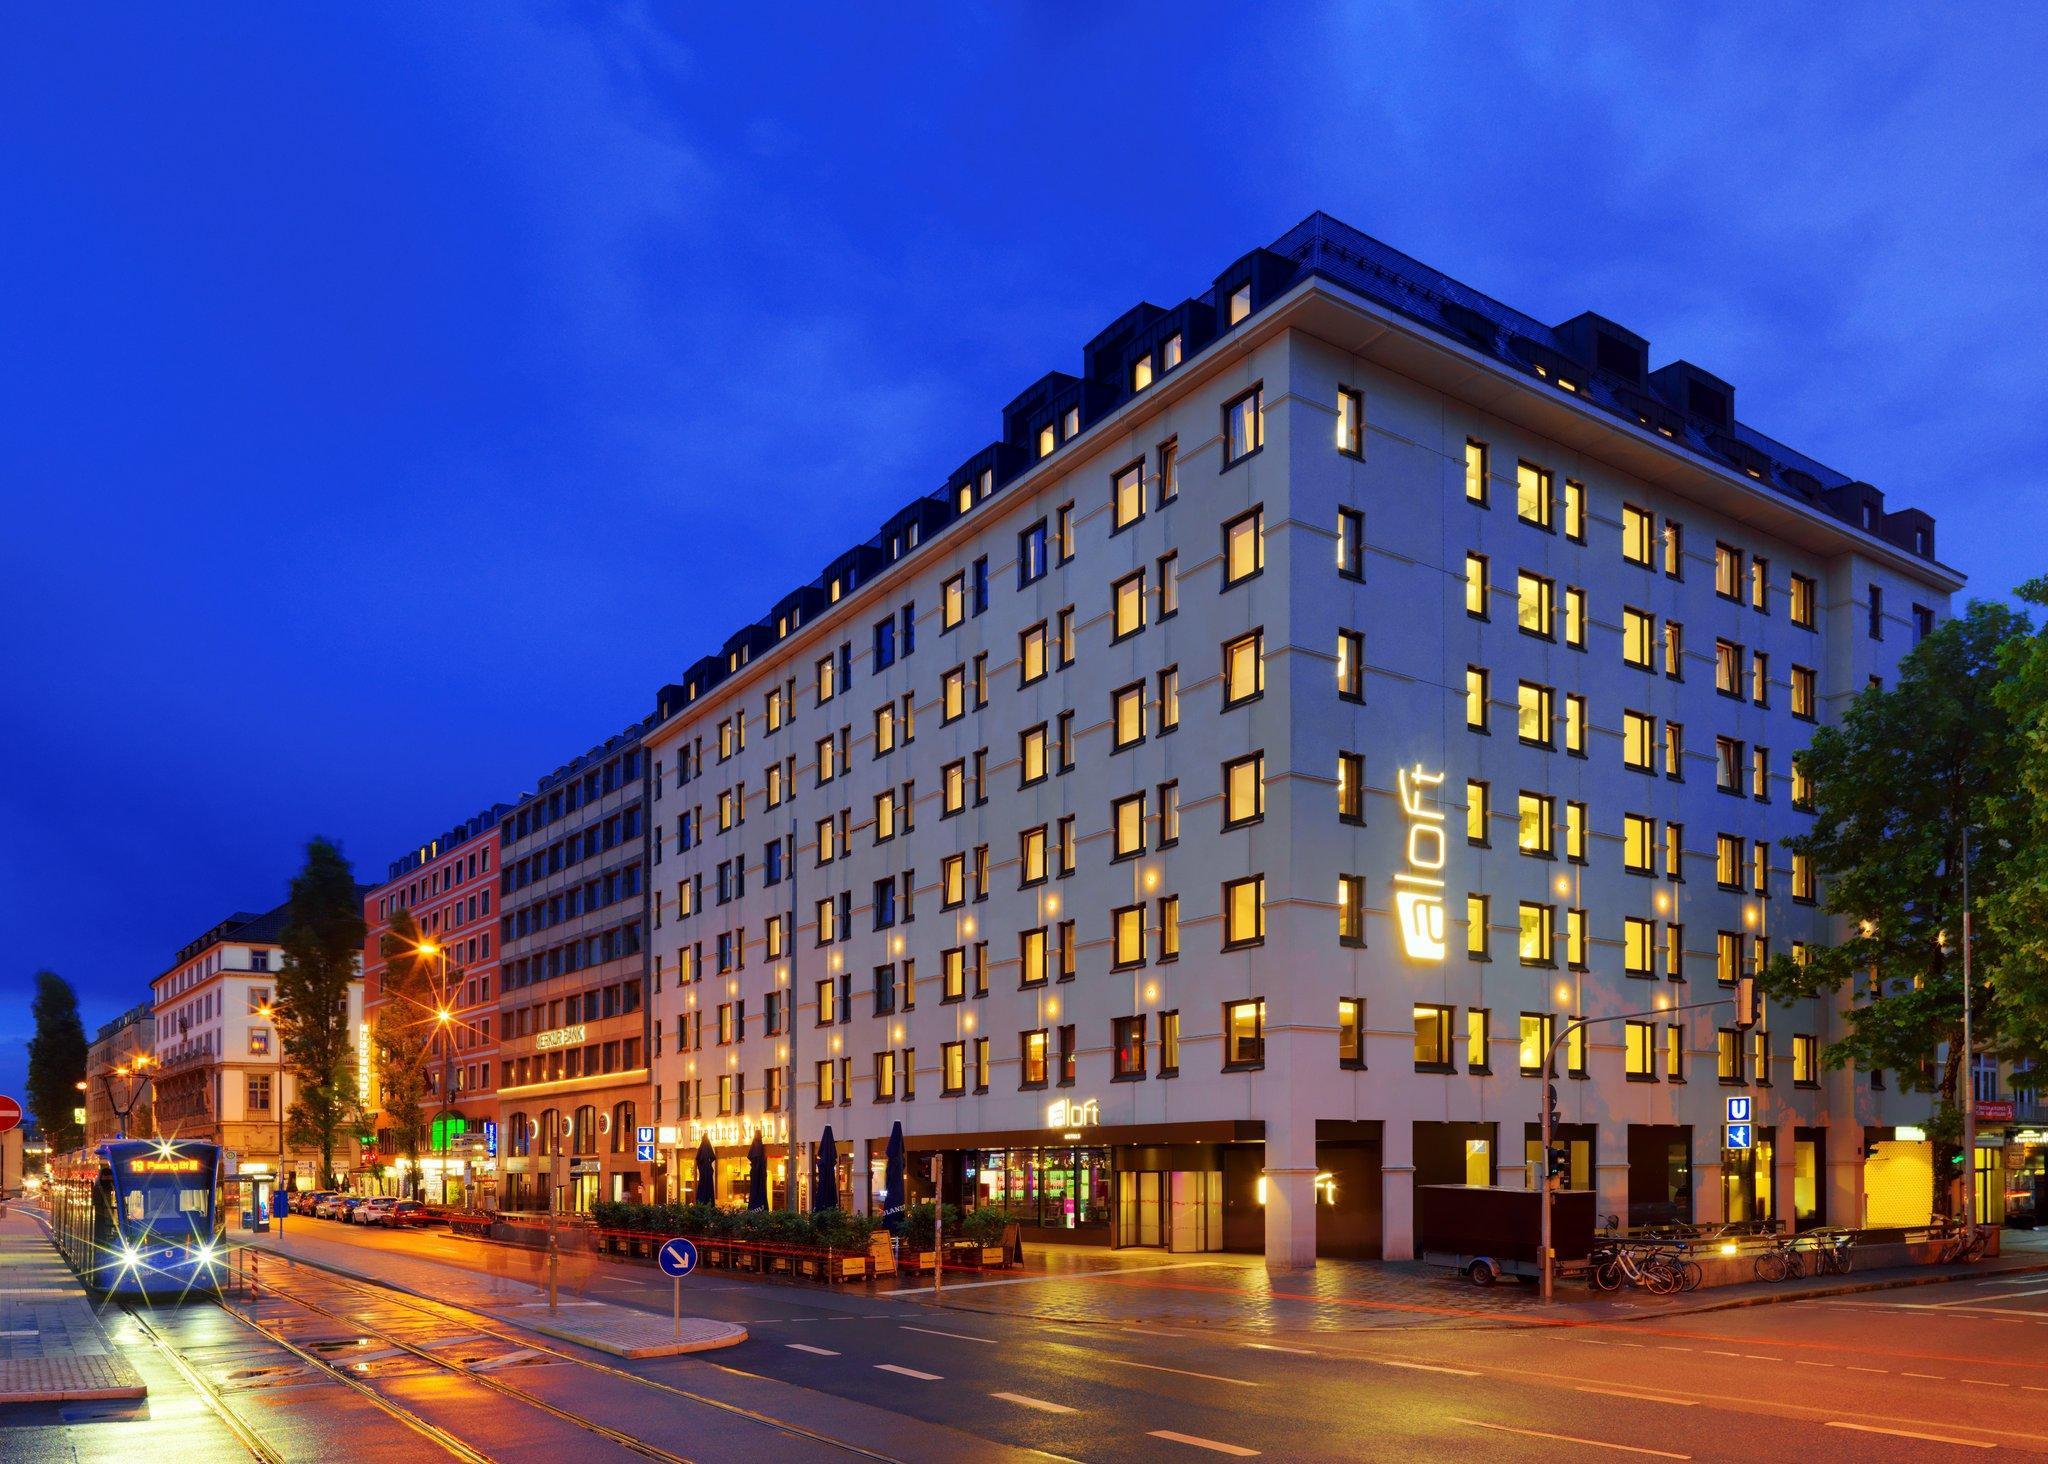 慕尼黑雅樂軒酒店 (Aloft Munich)_四星_預訂優惠價格_地址位置_聯繫方式